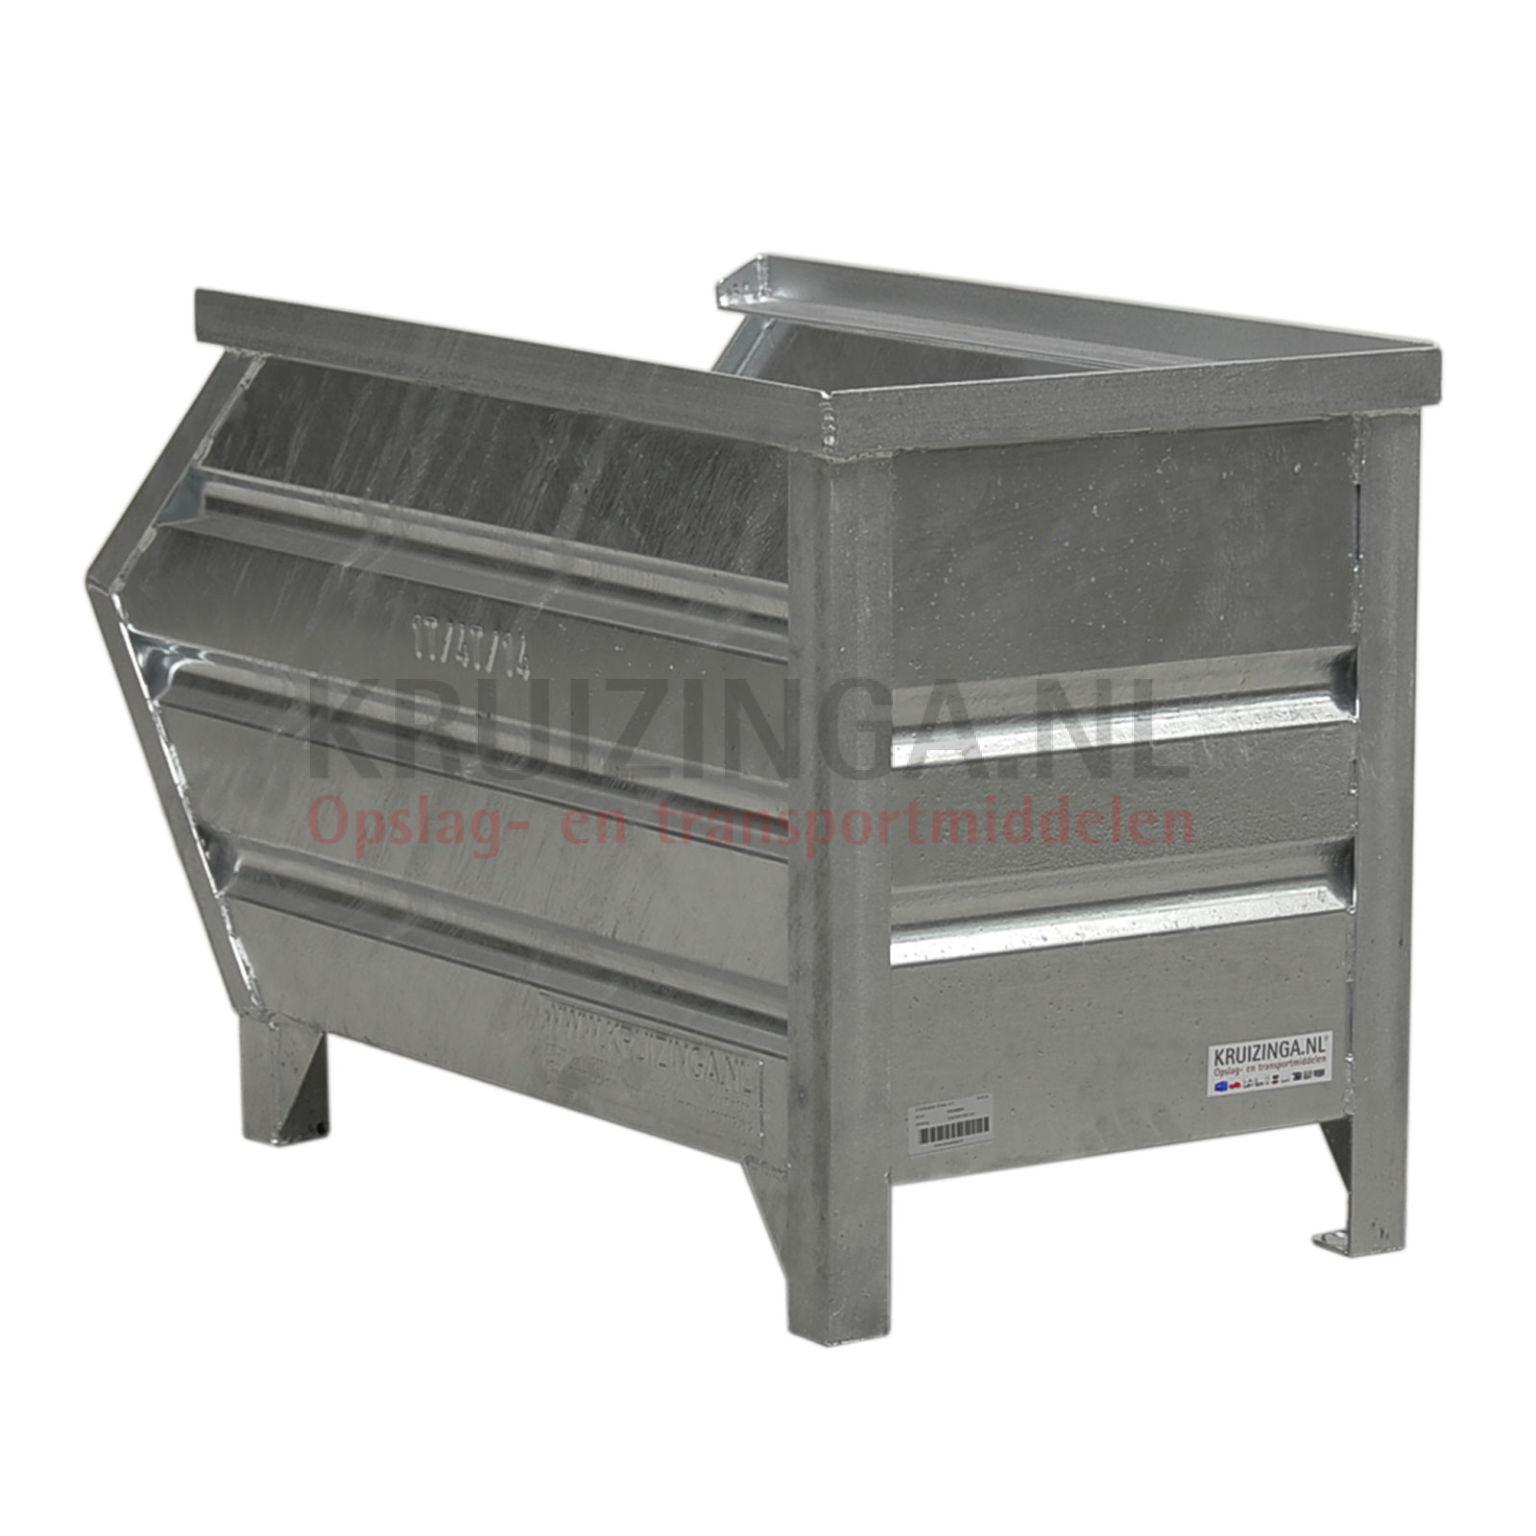 bac de rangement acier construction robuste bac empilable avec poign e partir de 182 50. Black Bedroom Furniture Sets. Home Design Ideas